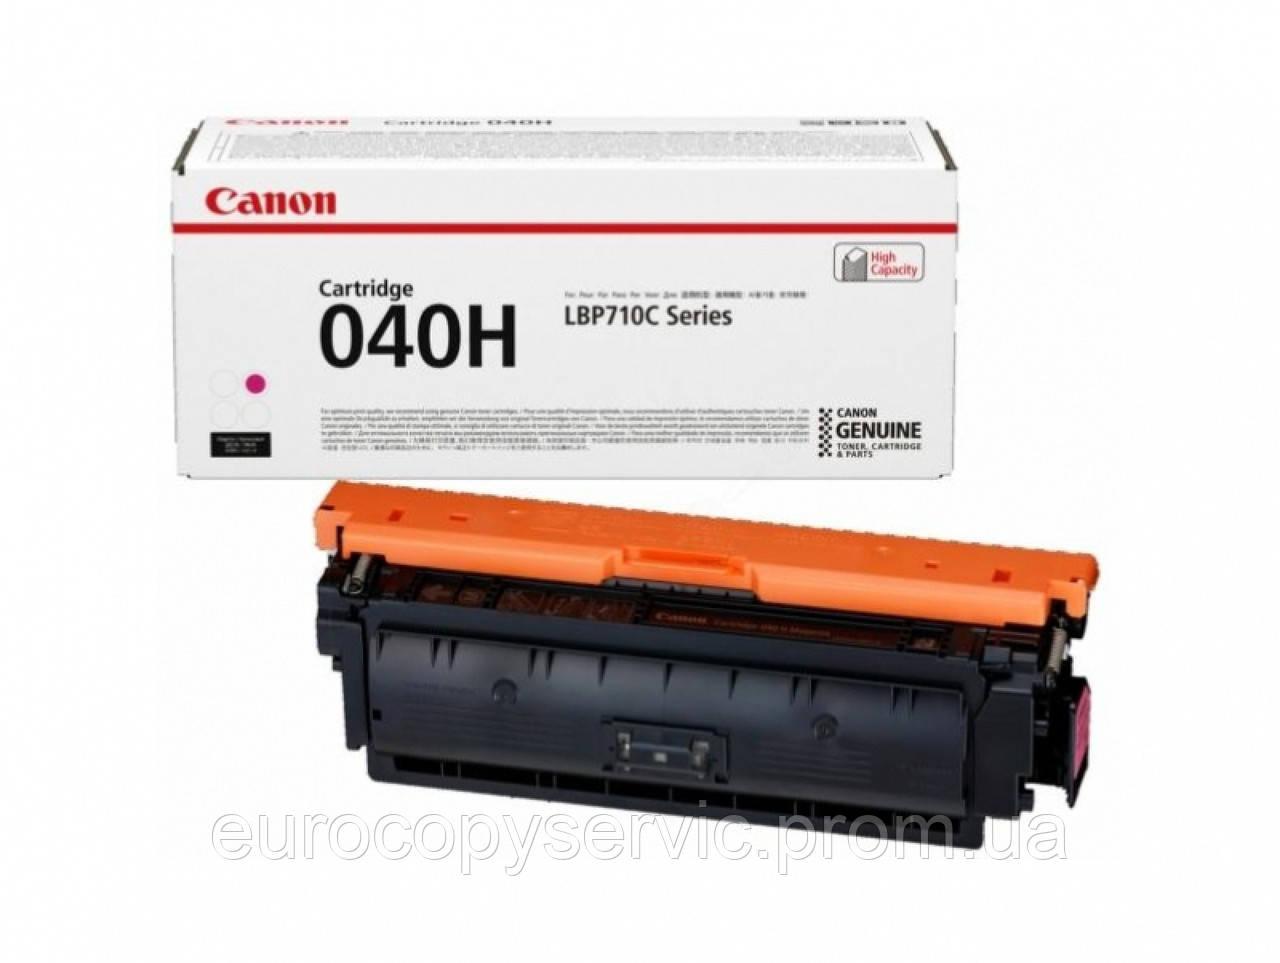 Картридж Canon 040H Magenta (0457C001) Original